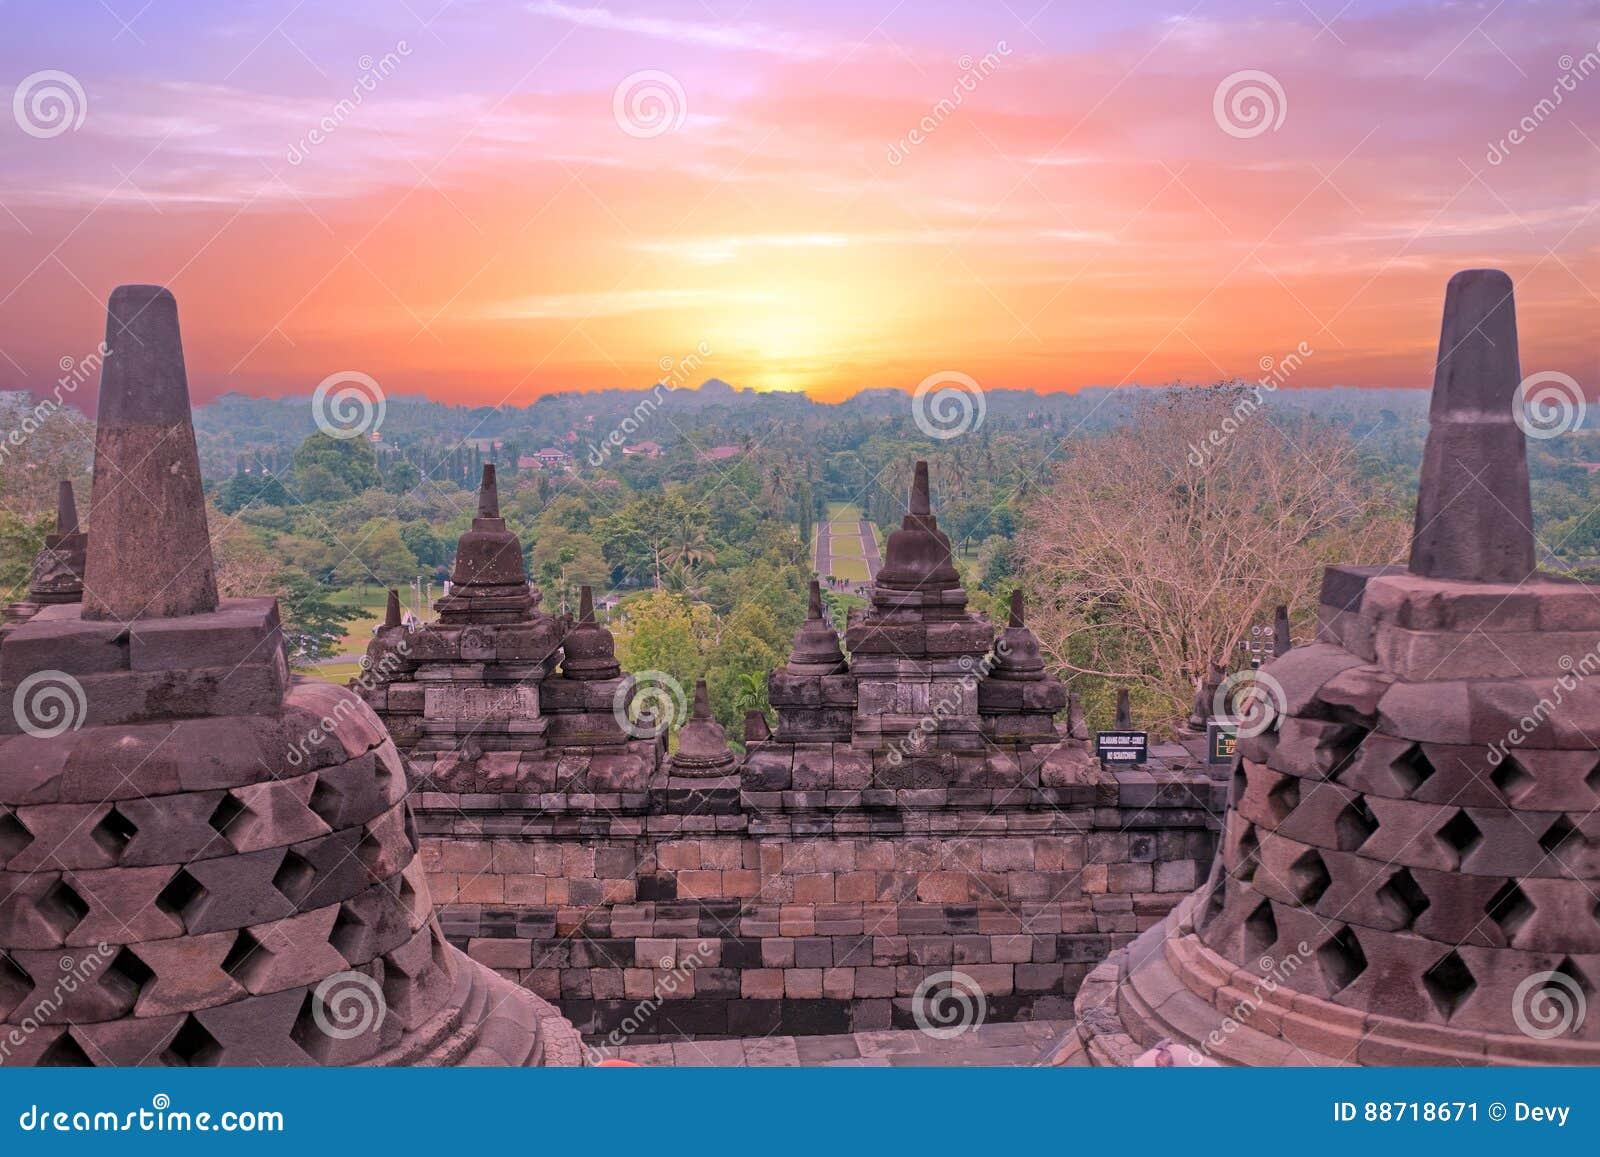 De Tempel van Borobudurbuddist in eiland Java Indonesia bij zonsondergang